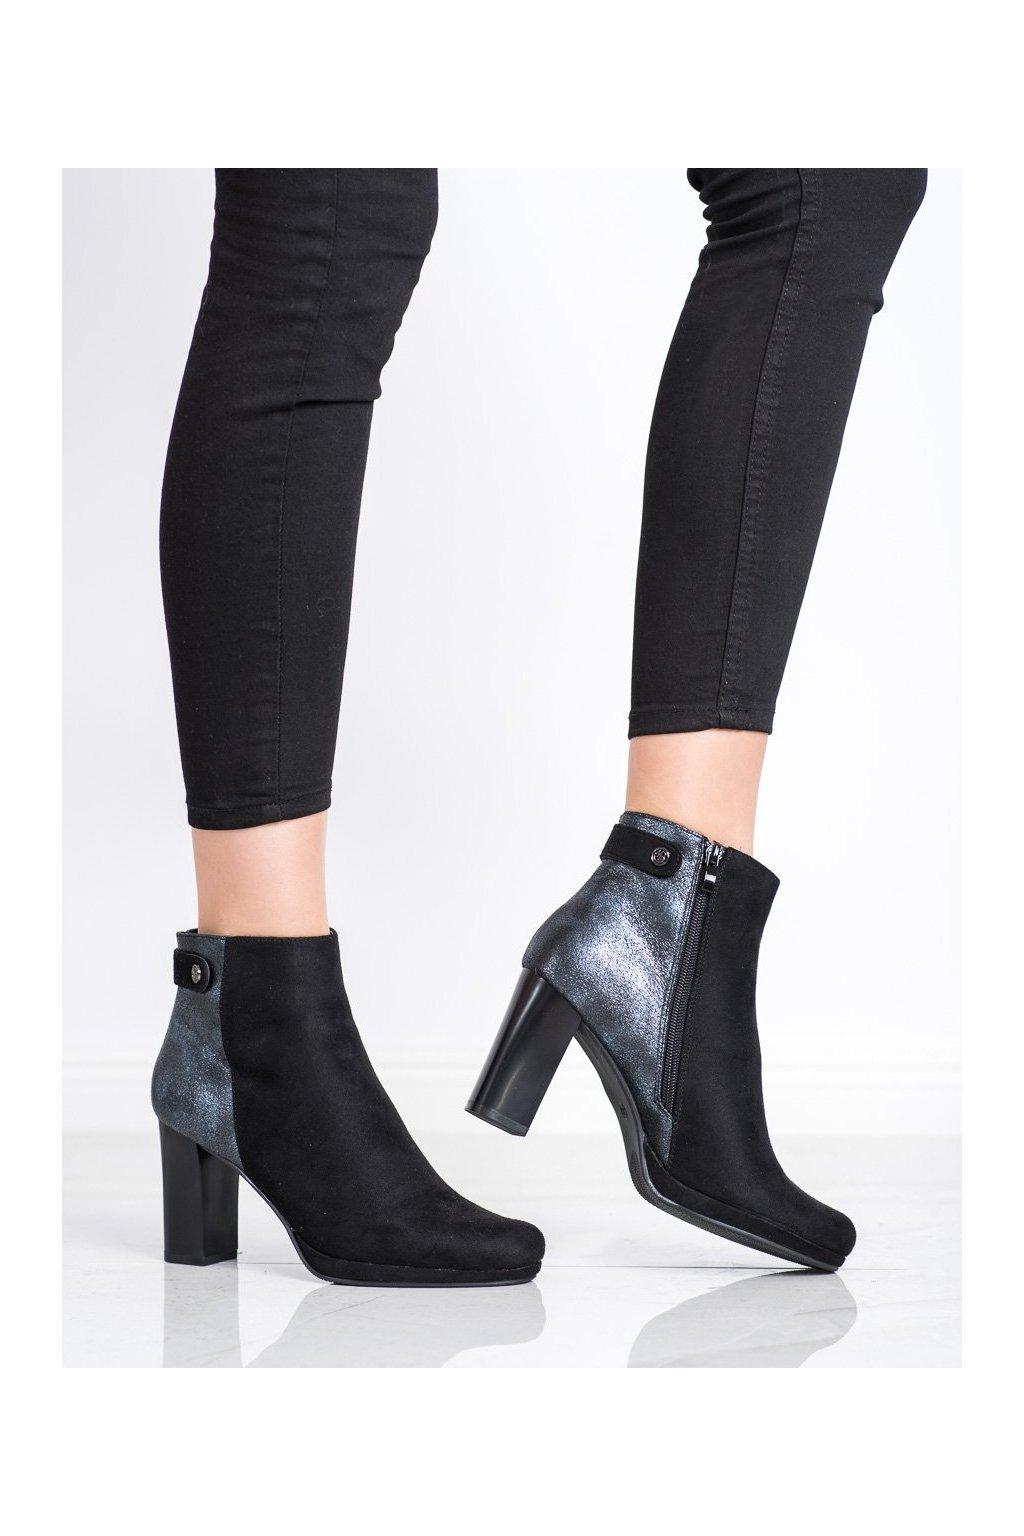 Čierne dámske topánky Daszyński kod AF125-1B